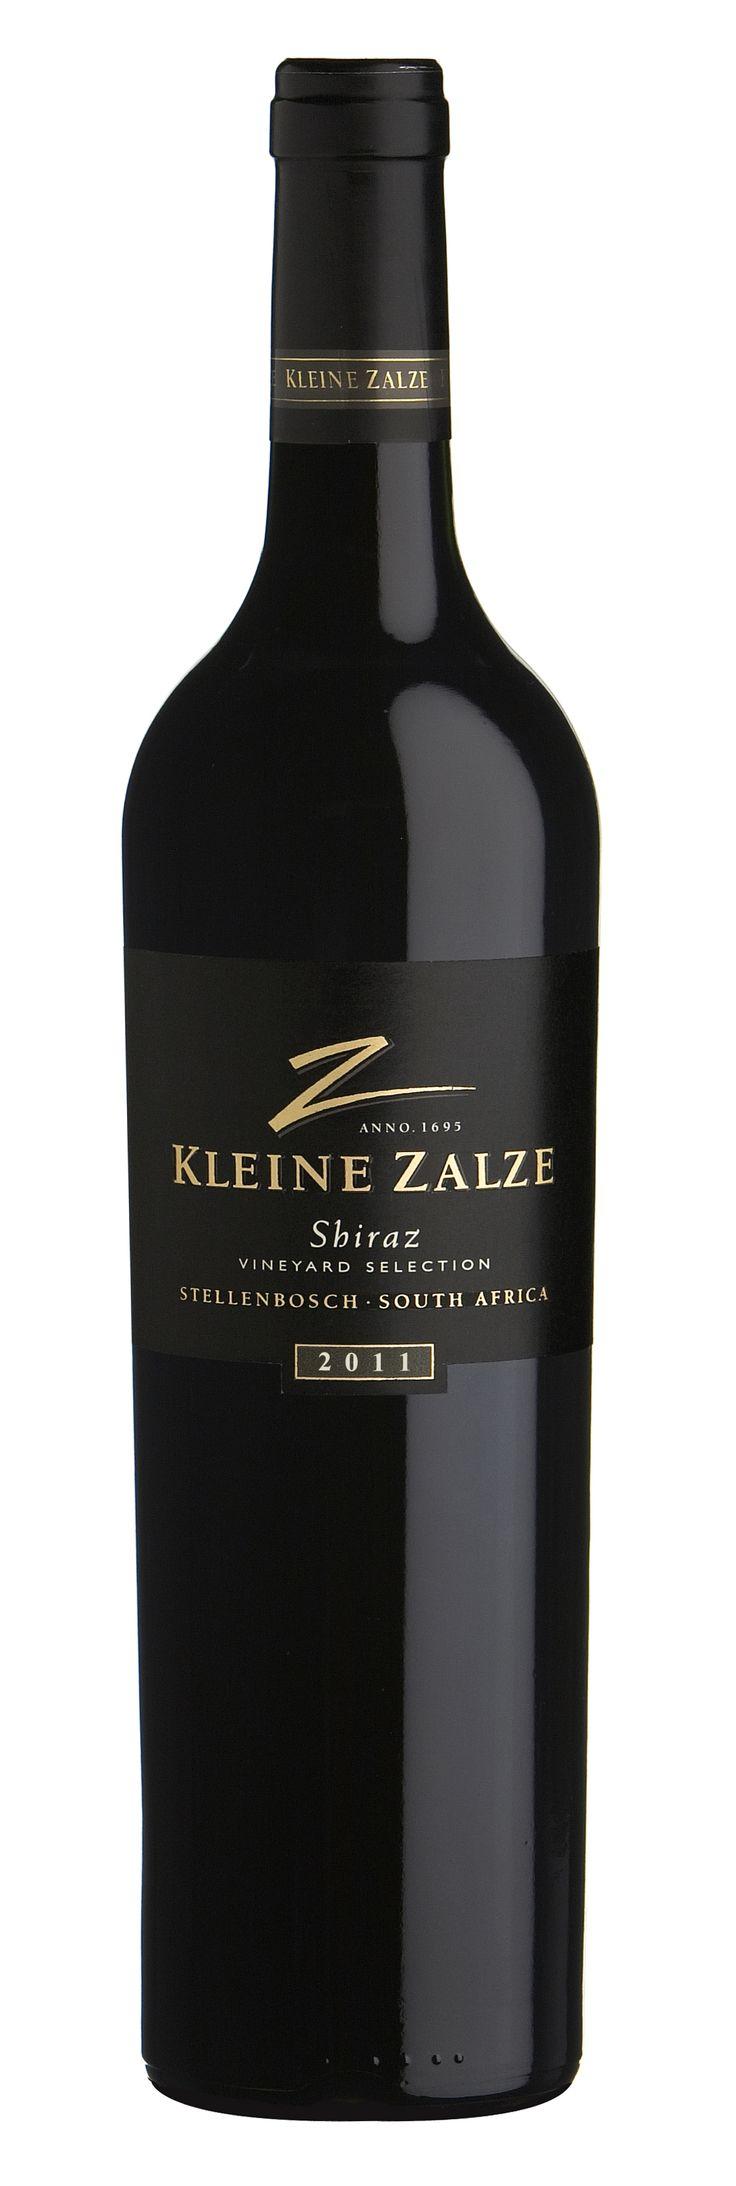 Kleine Zalze Vintage Selection Shiraz 2011